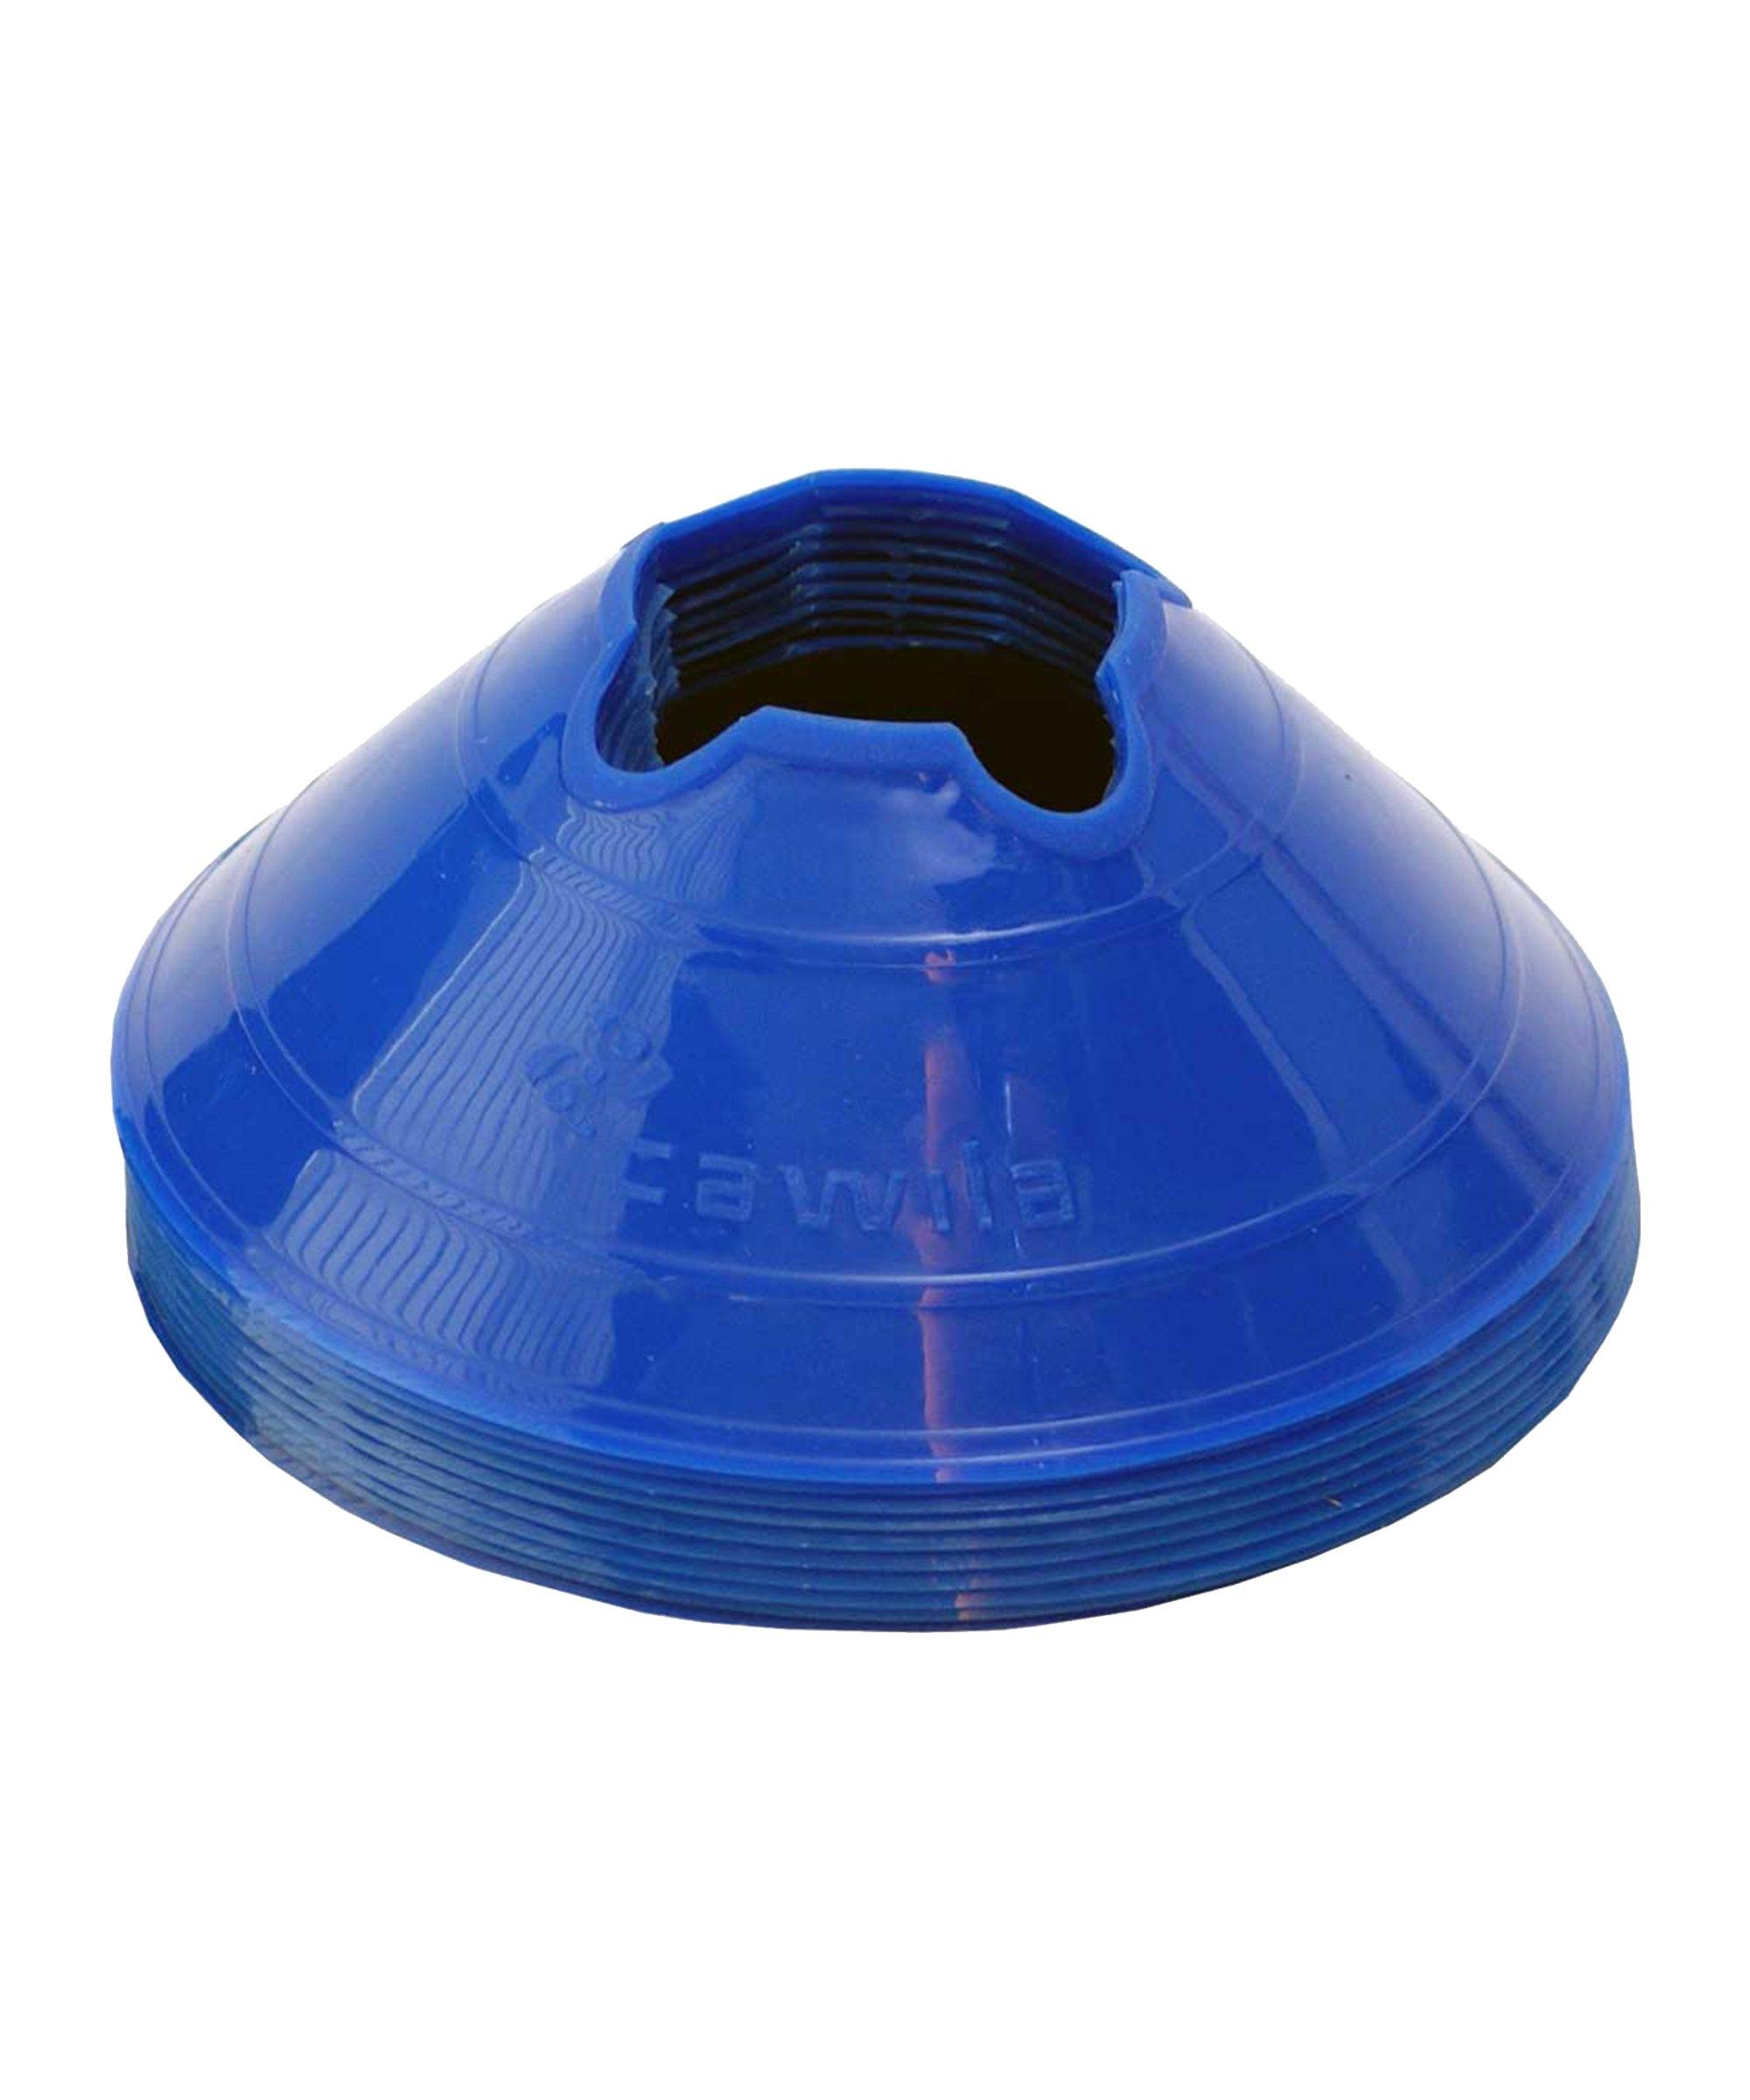 Cawila Mark.Scheiben M 10Stk d20cm 6cm Blau - blau